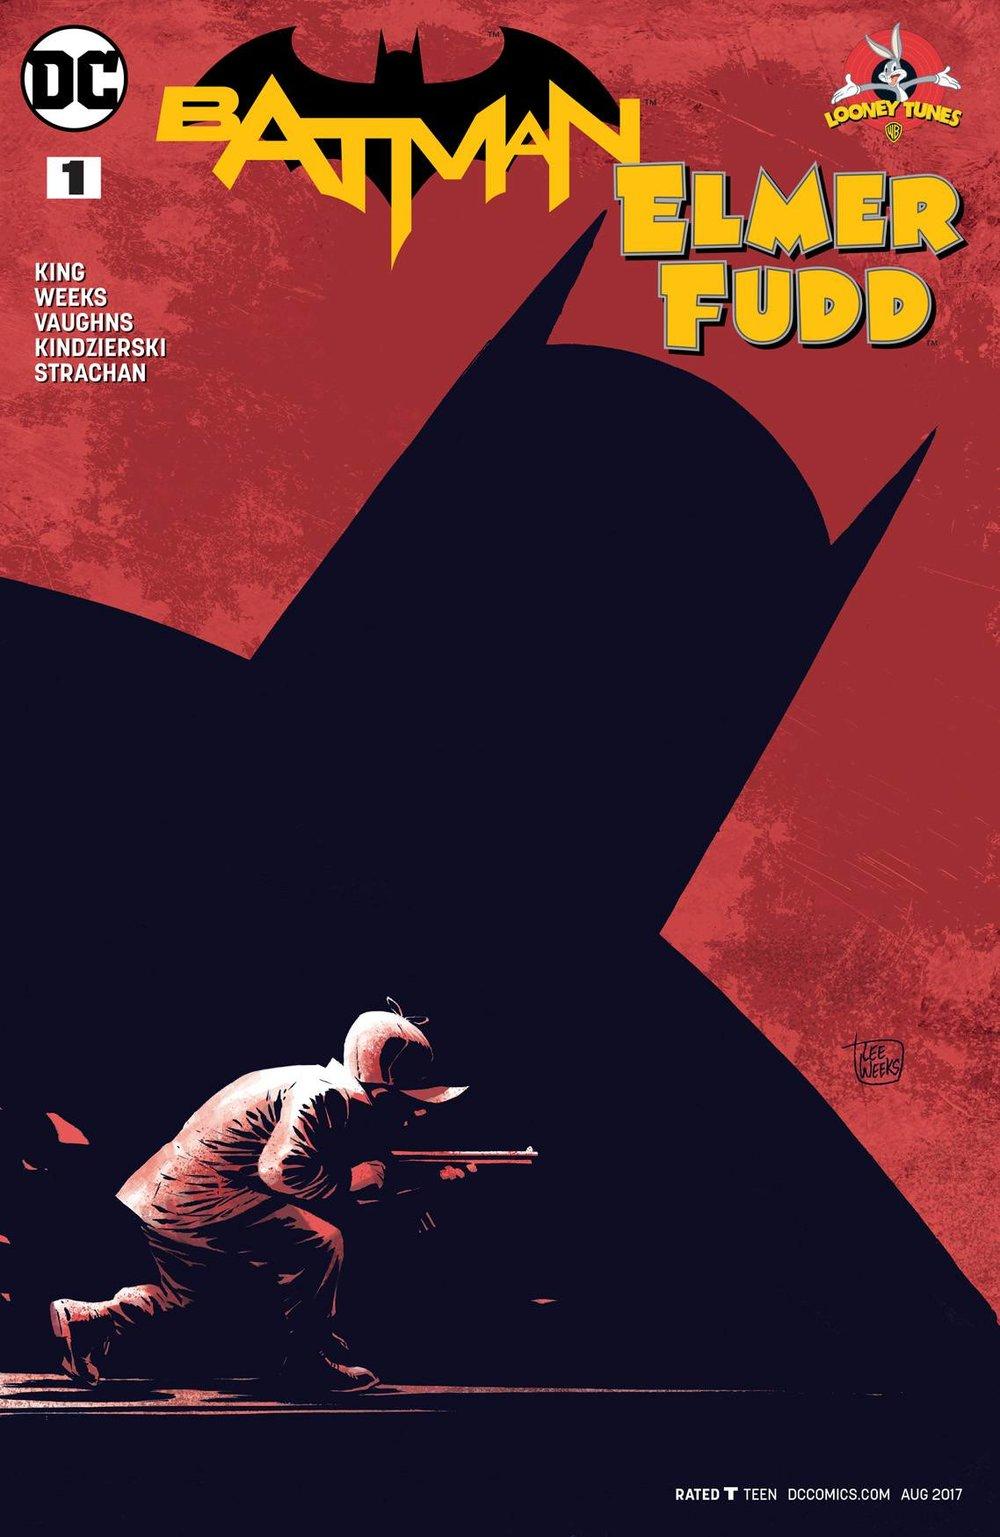 Batman-Fudd1.jpg